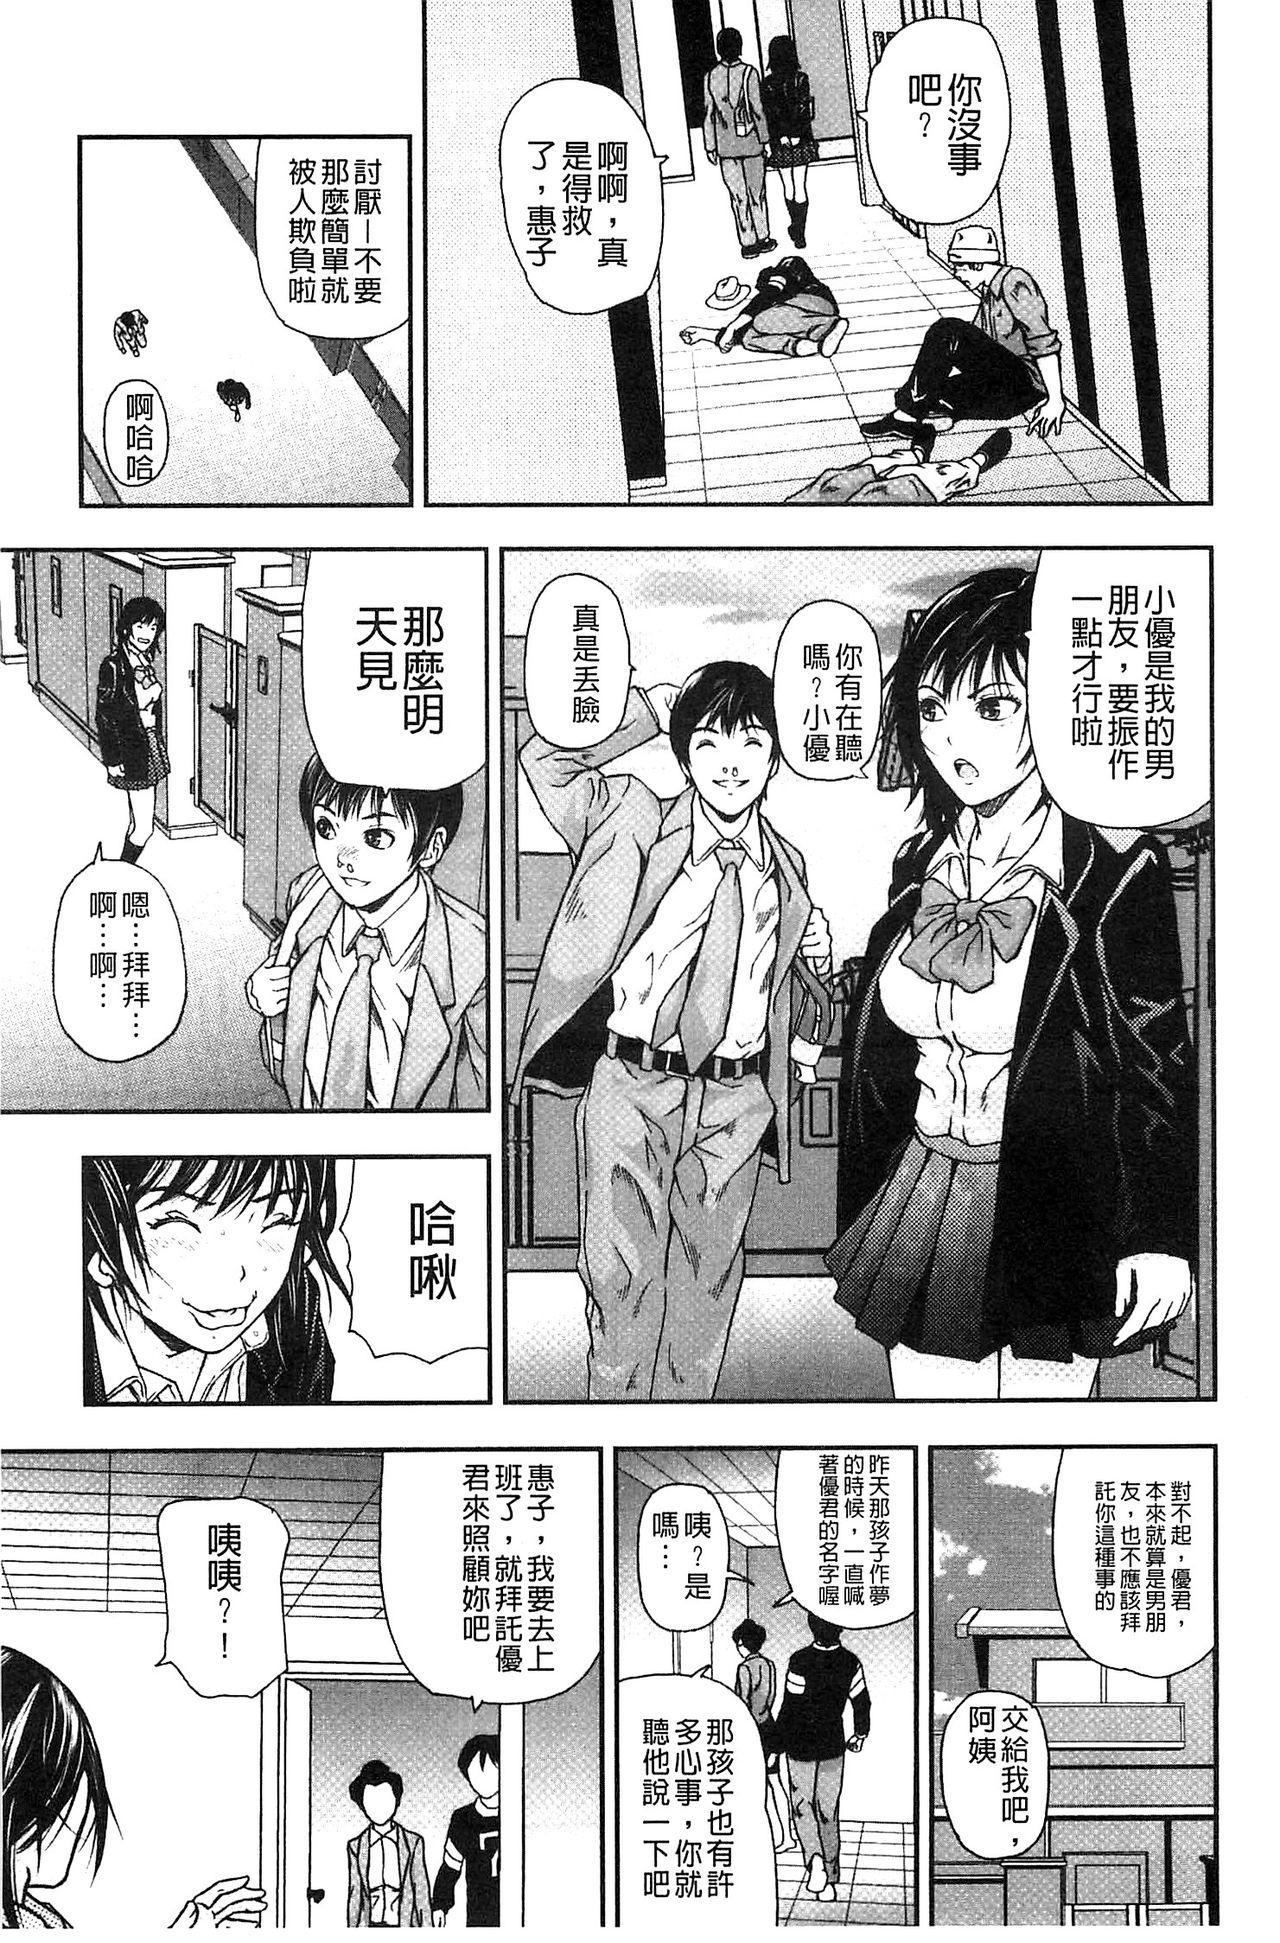 Koijirushi Love Milk | 戀印愛慾鮮乳 142